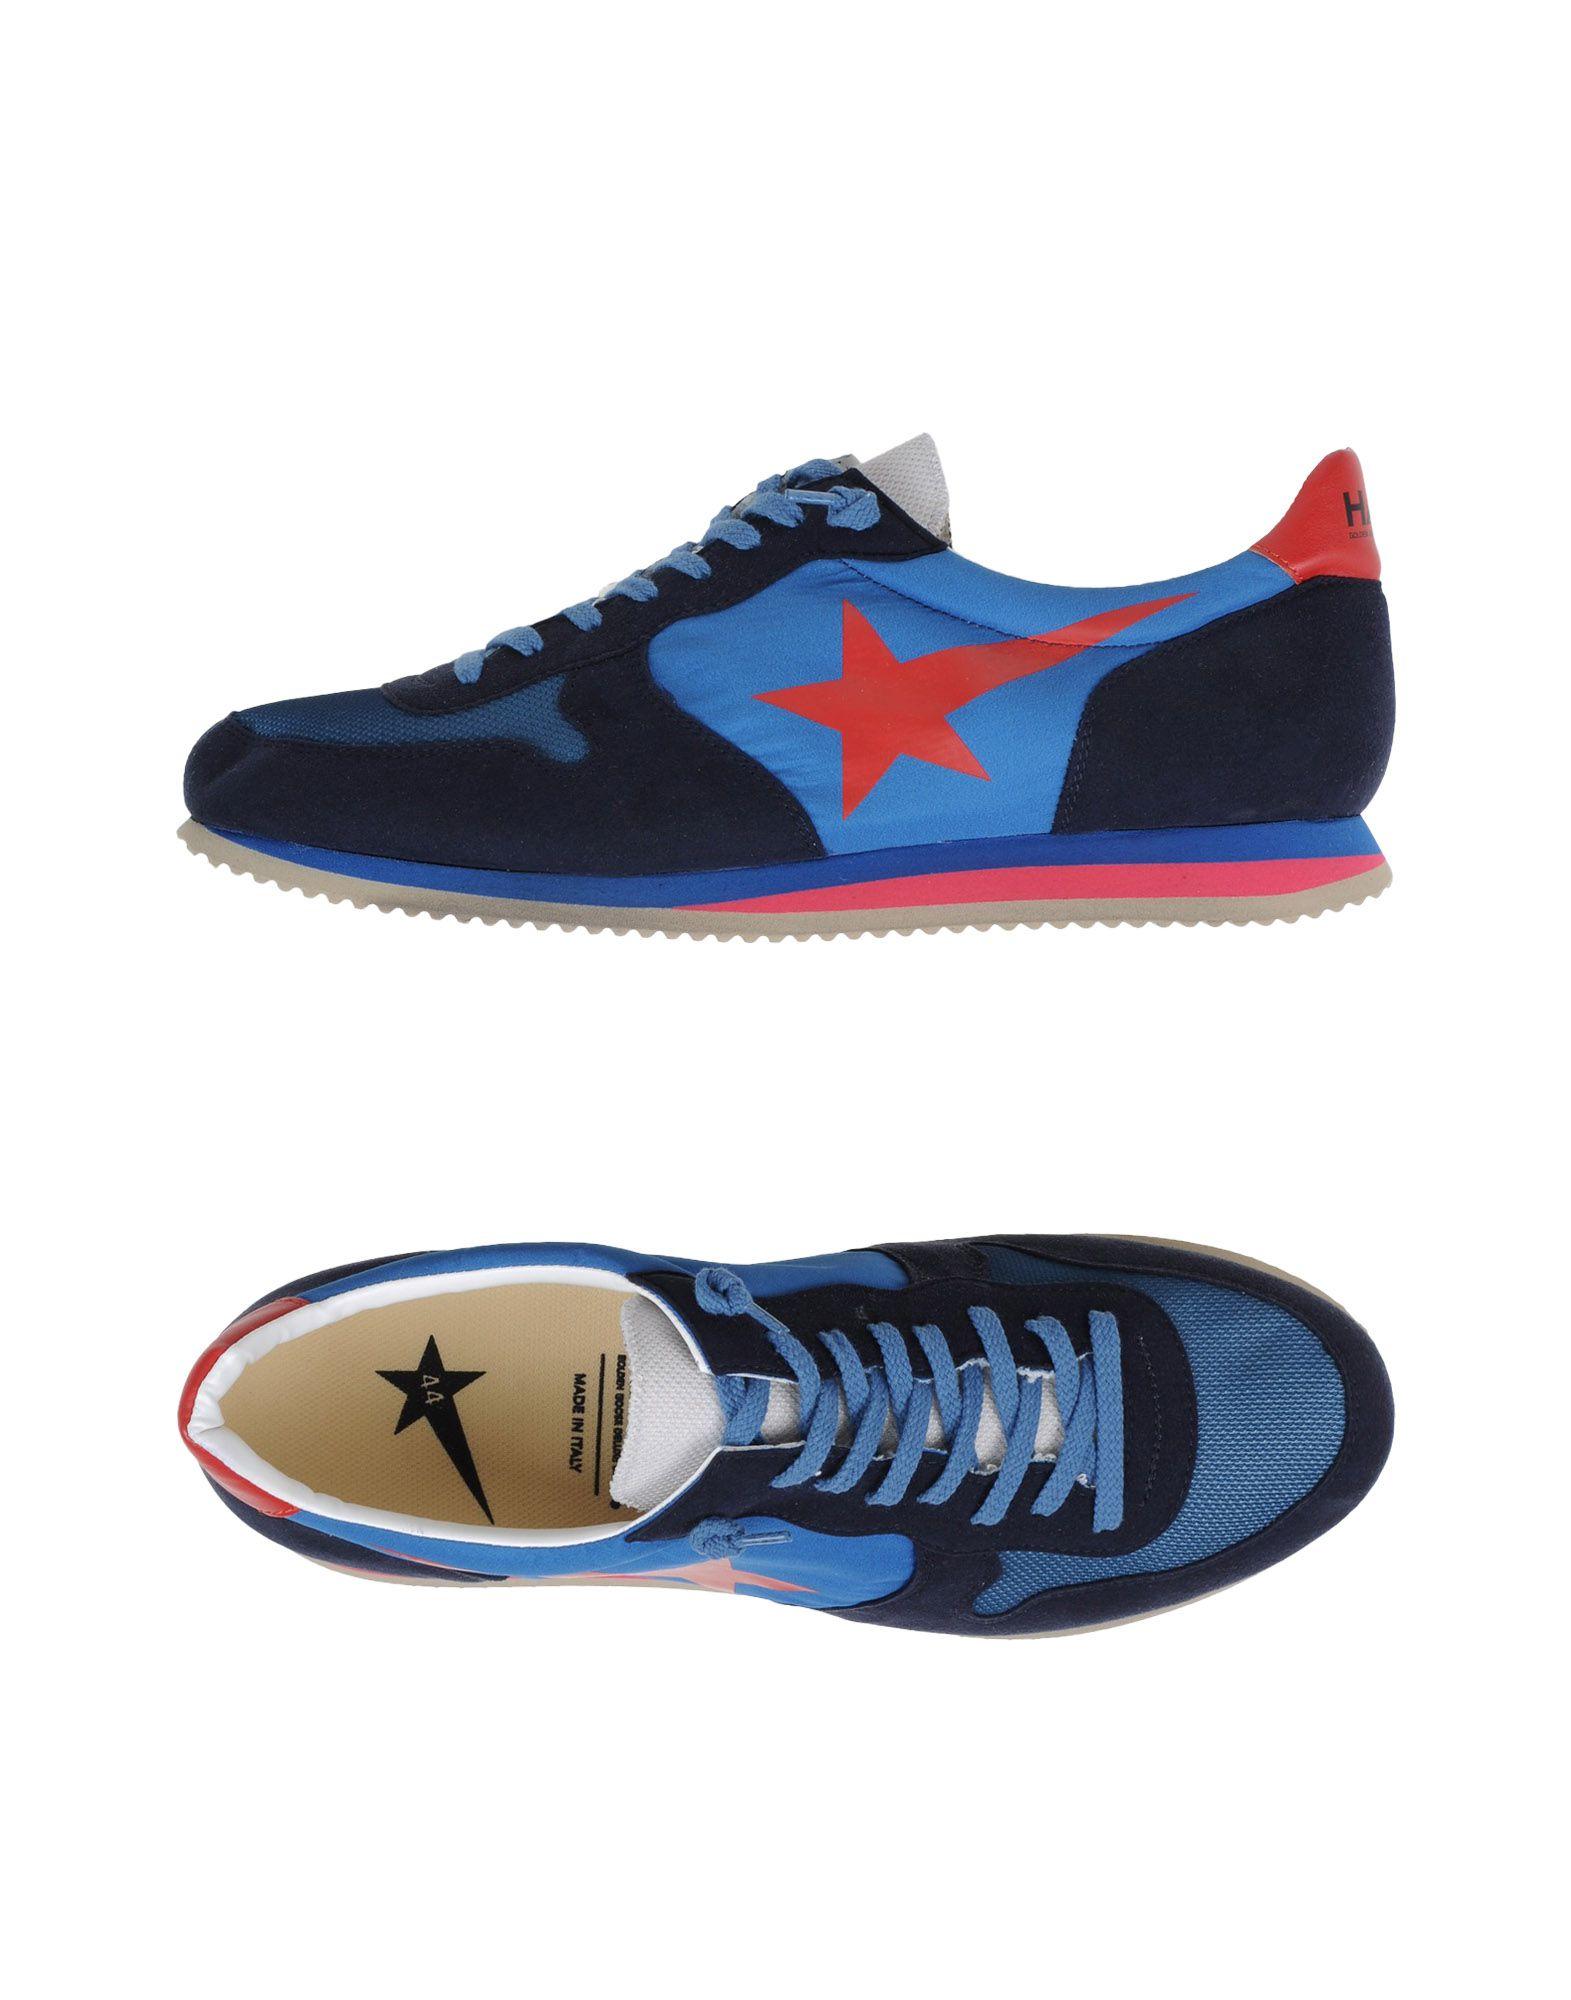 Sneakers Haus Golden Goose Sneakers Haus - Uomo - Acquista online su